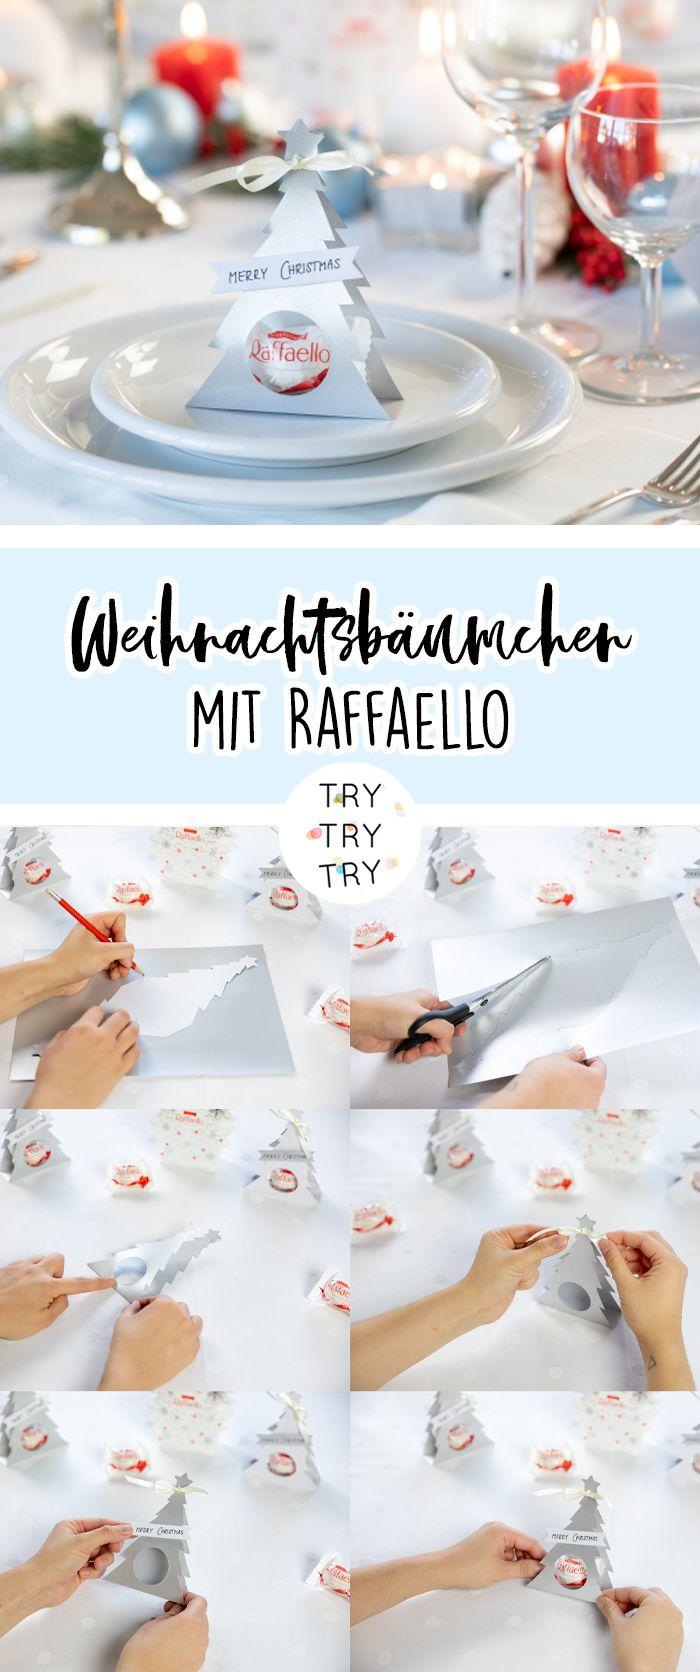 Edle Tischdeko und kleines Gastgeschenk mit Raffaello